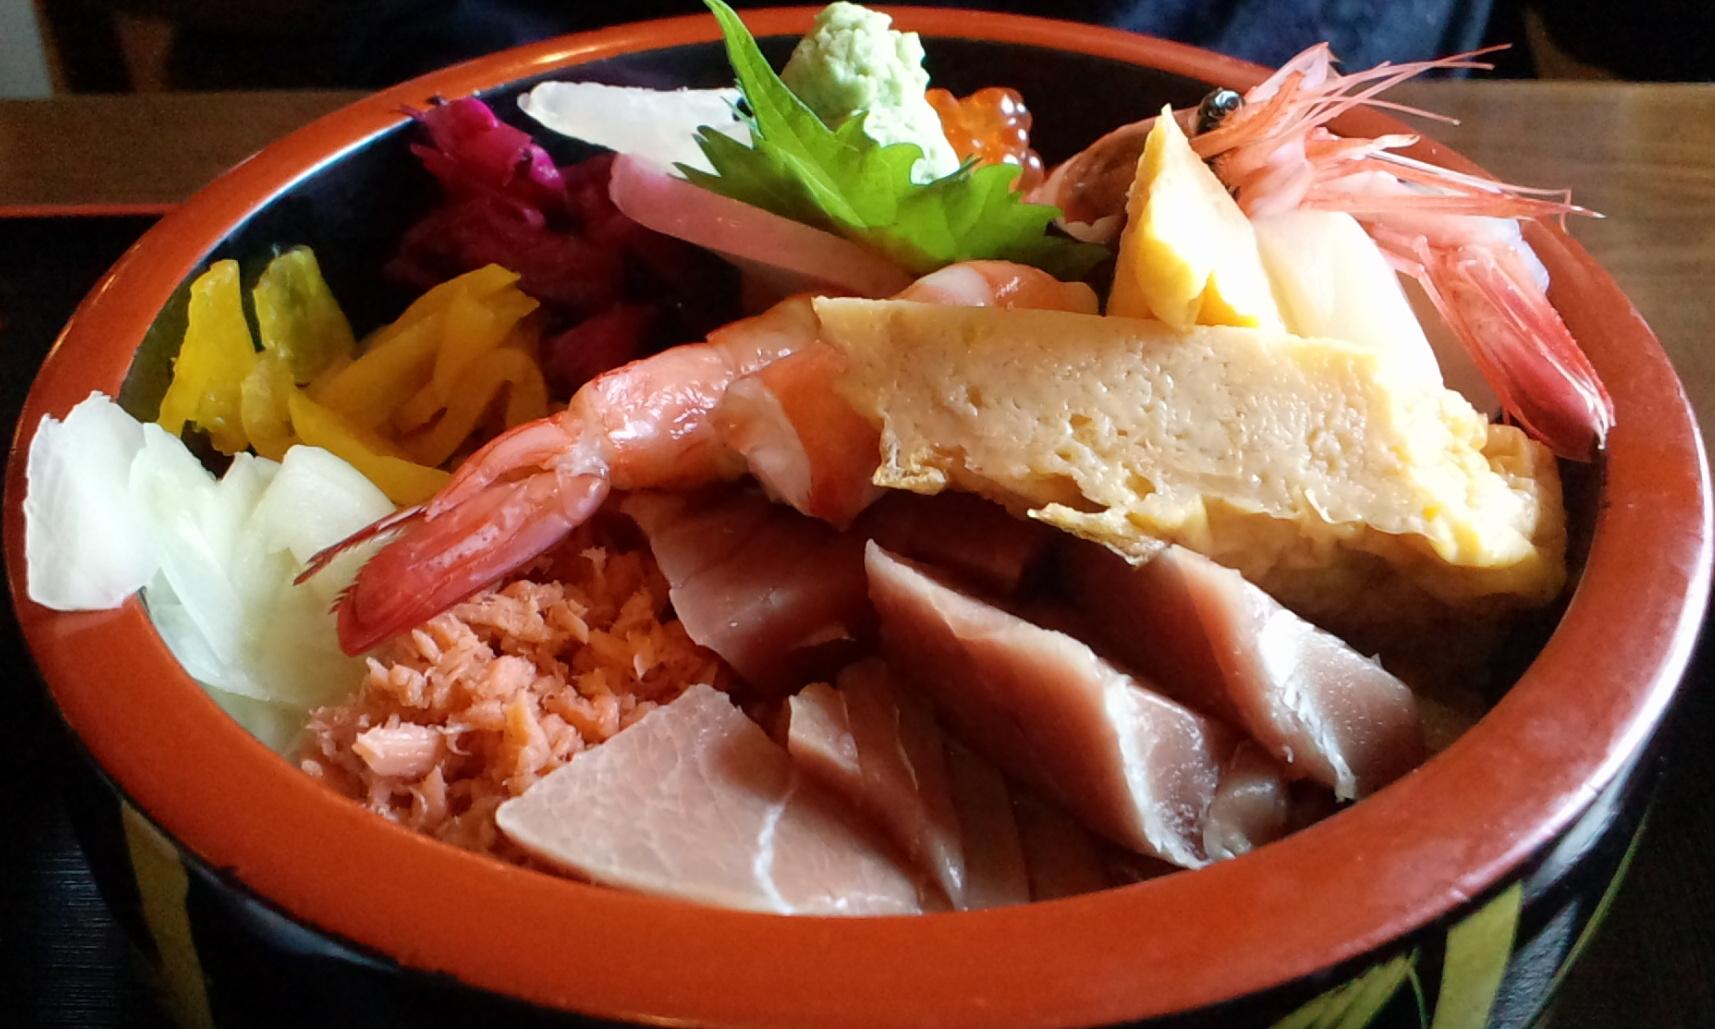 大田原市・錦鮨の海の三福丼の海鮮チラシ